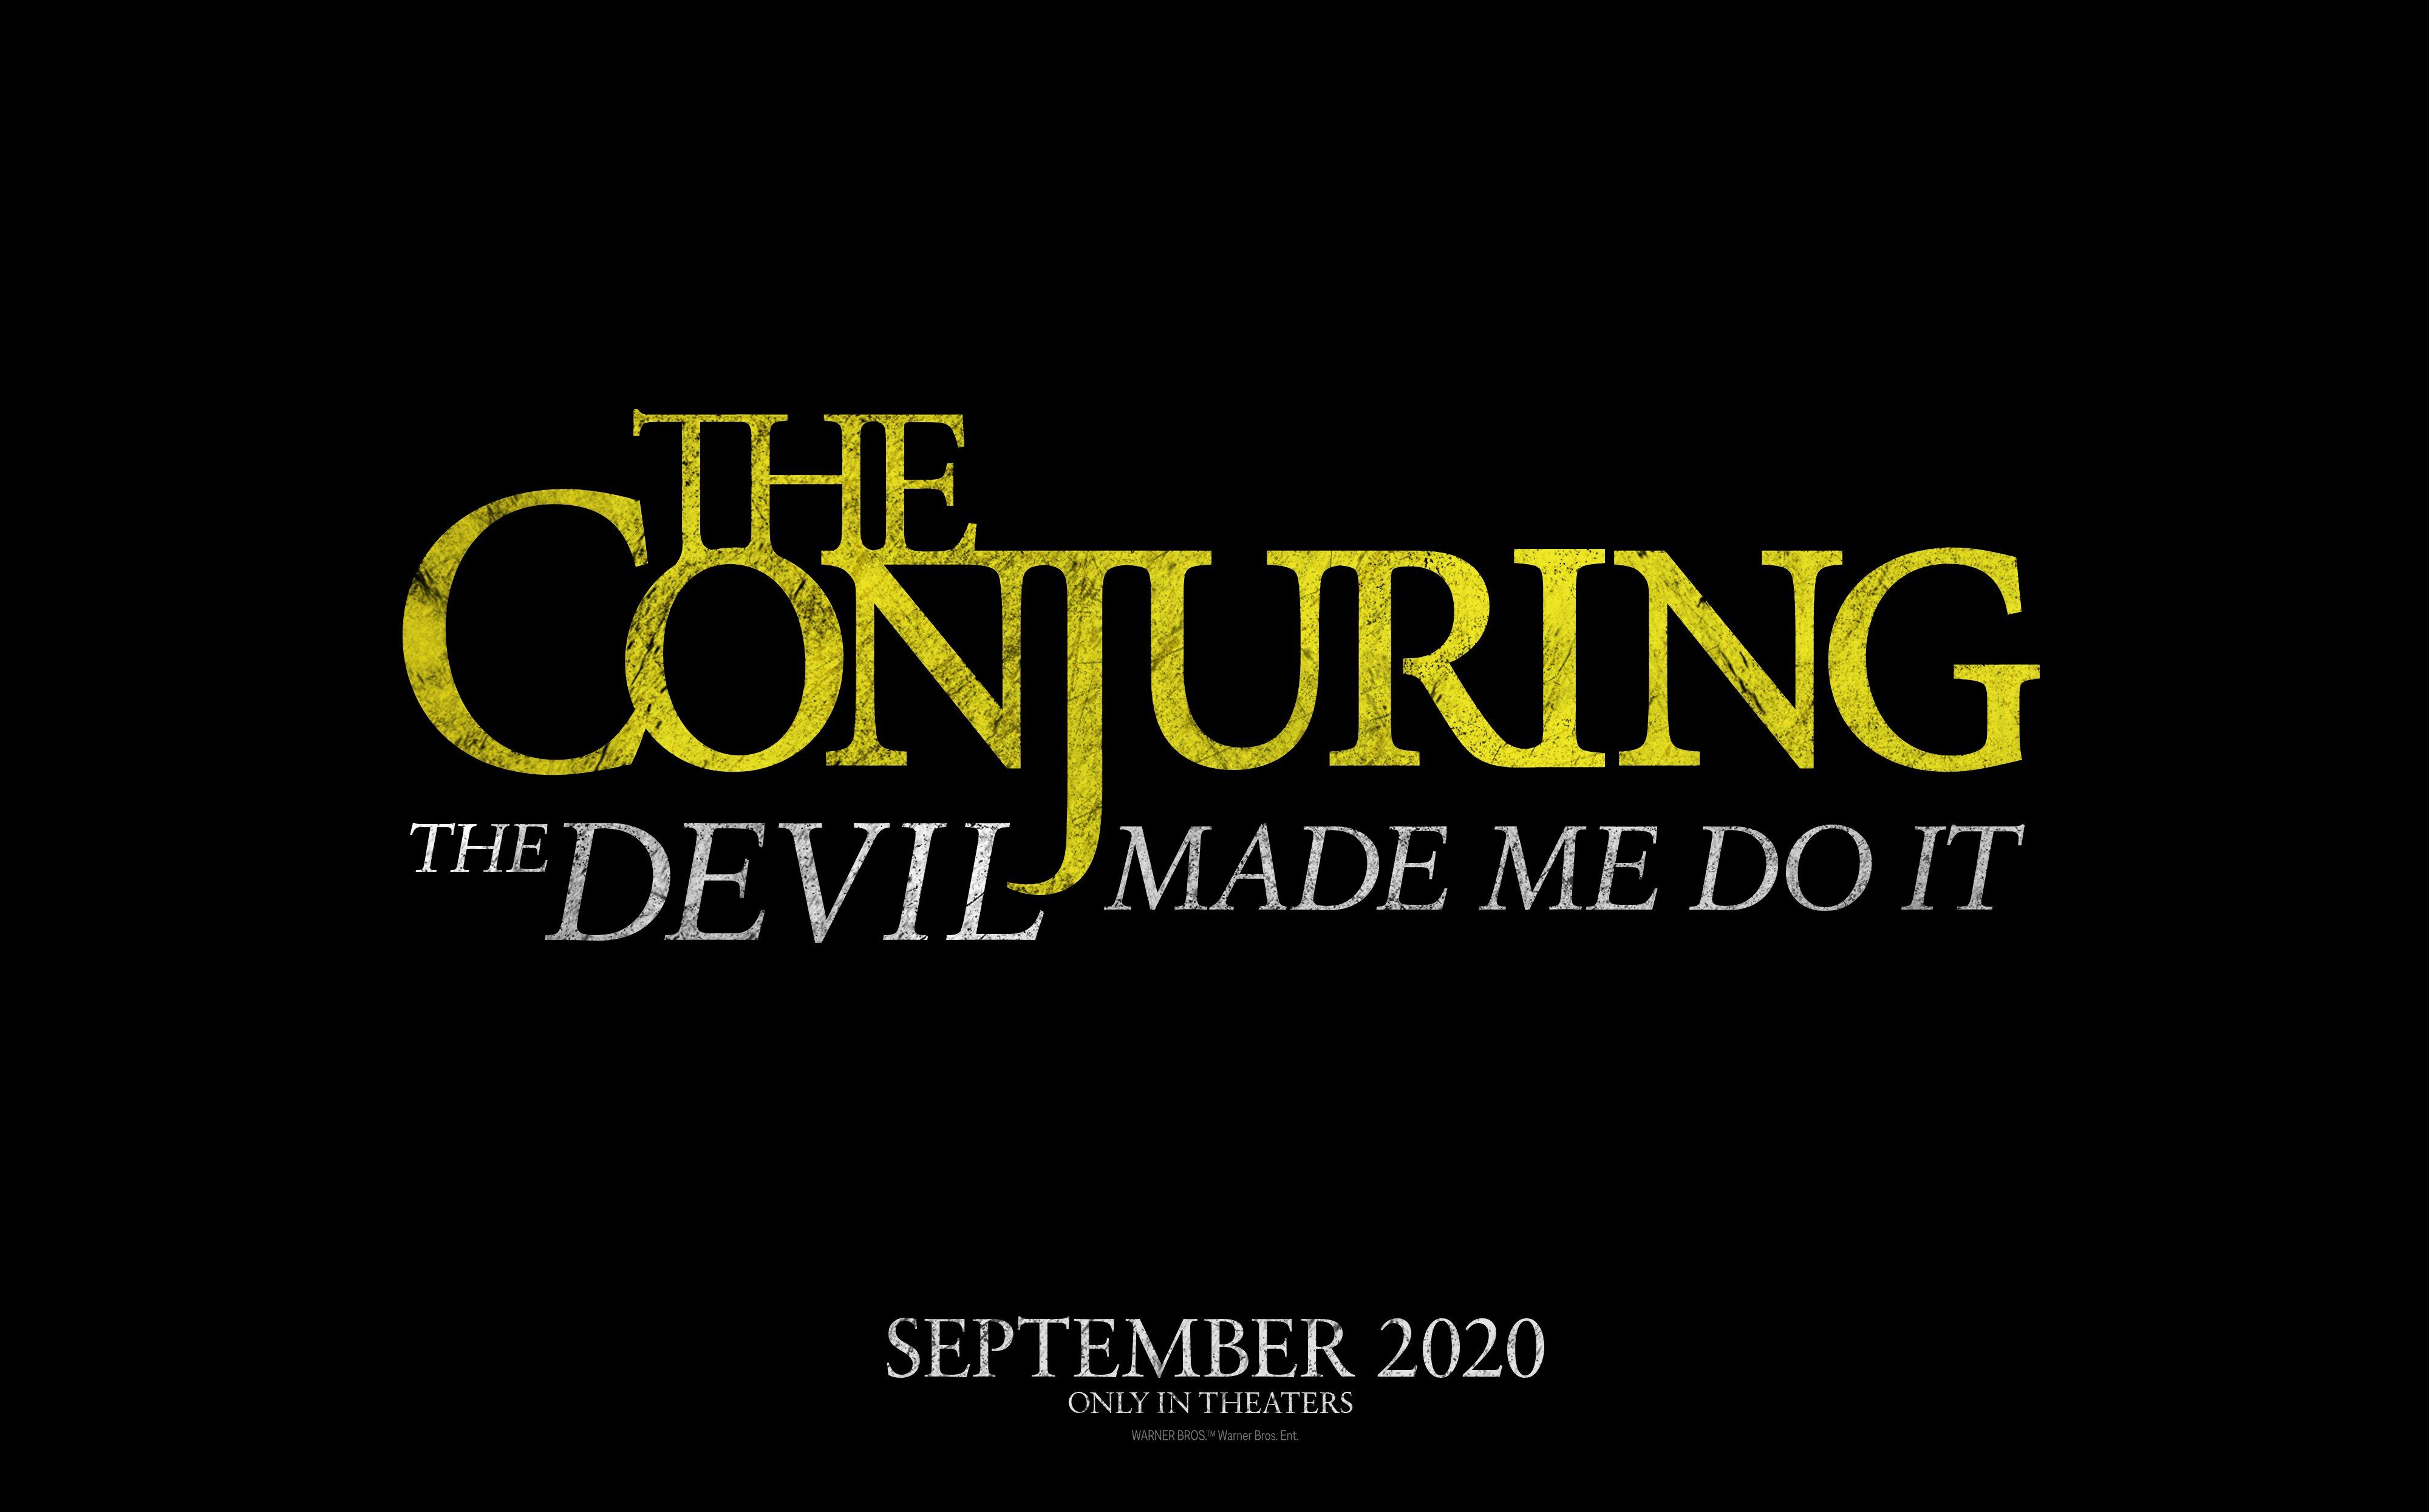 نویسنده قسمت سوم The Conjuring